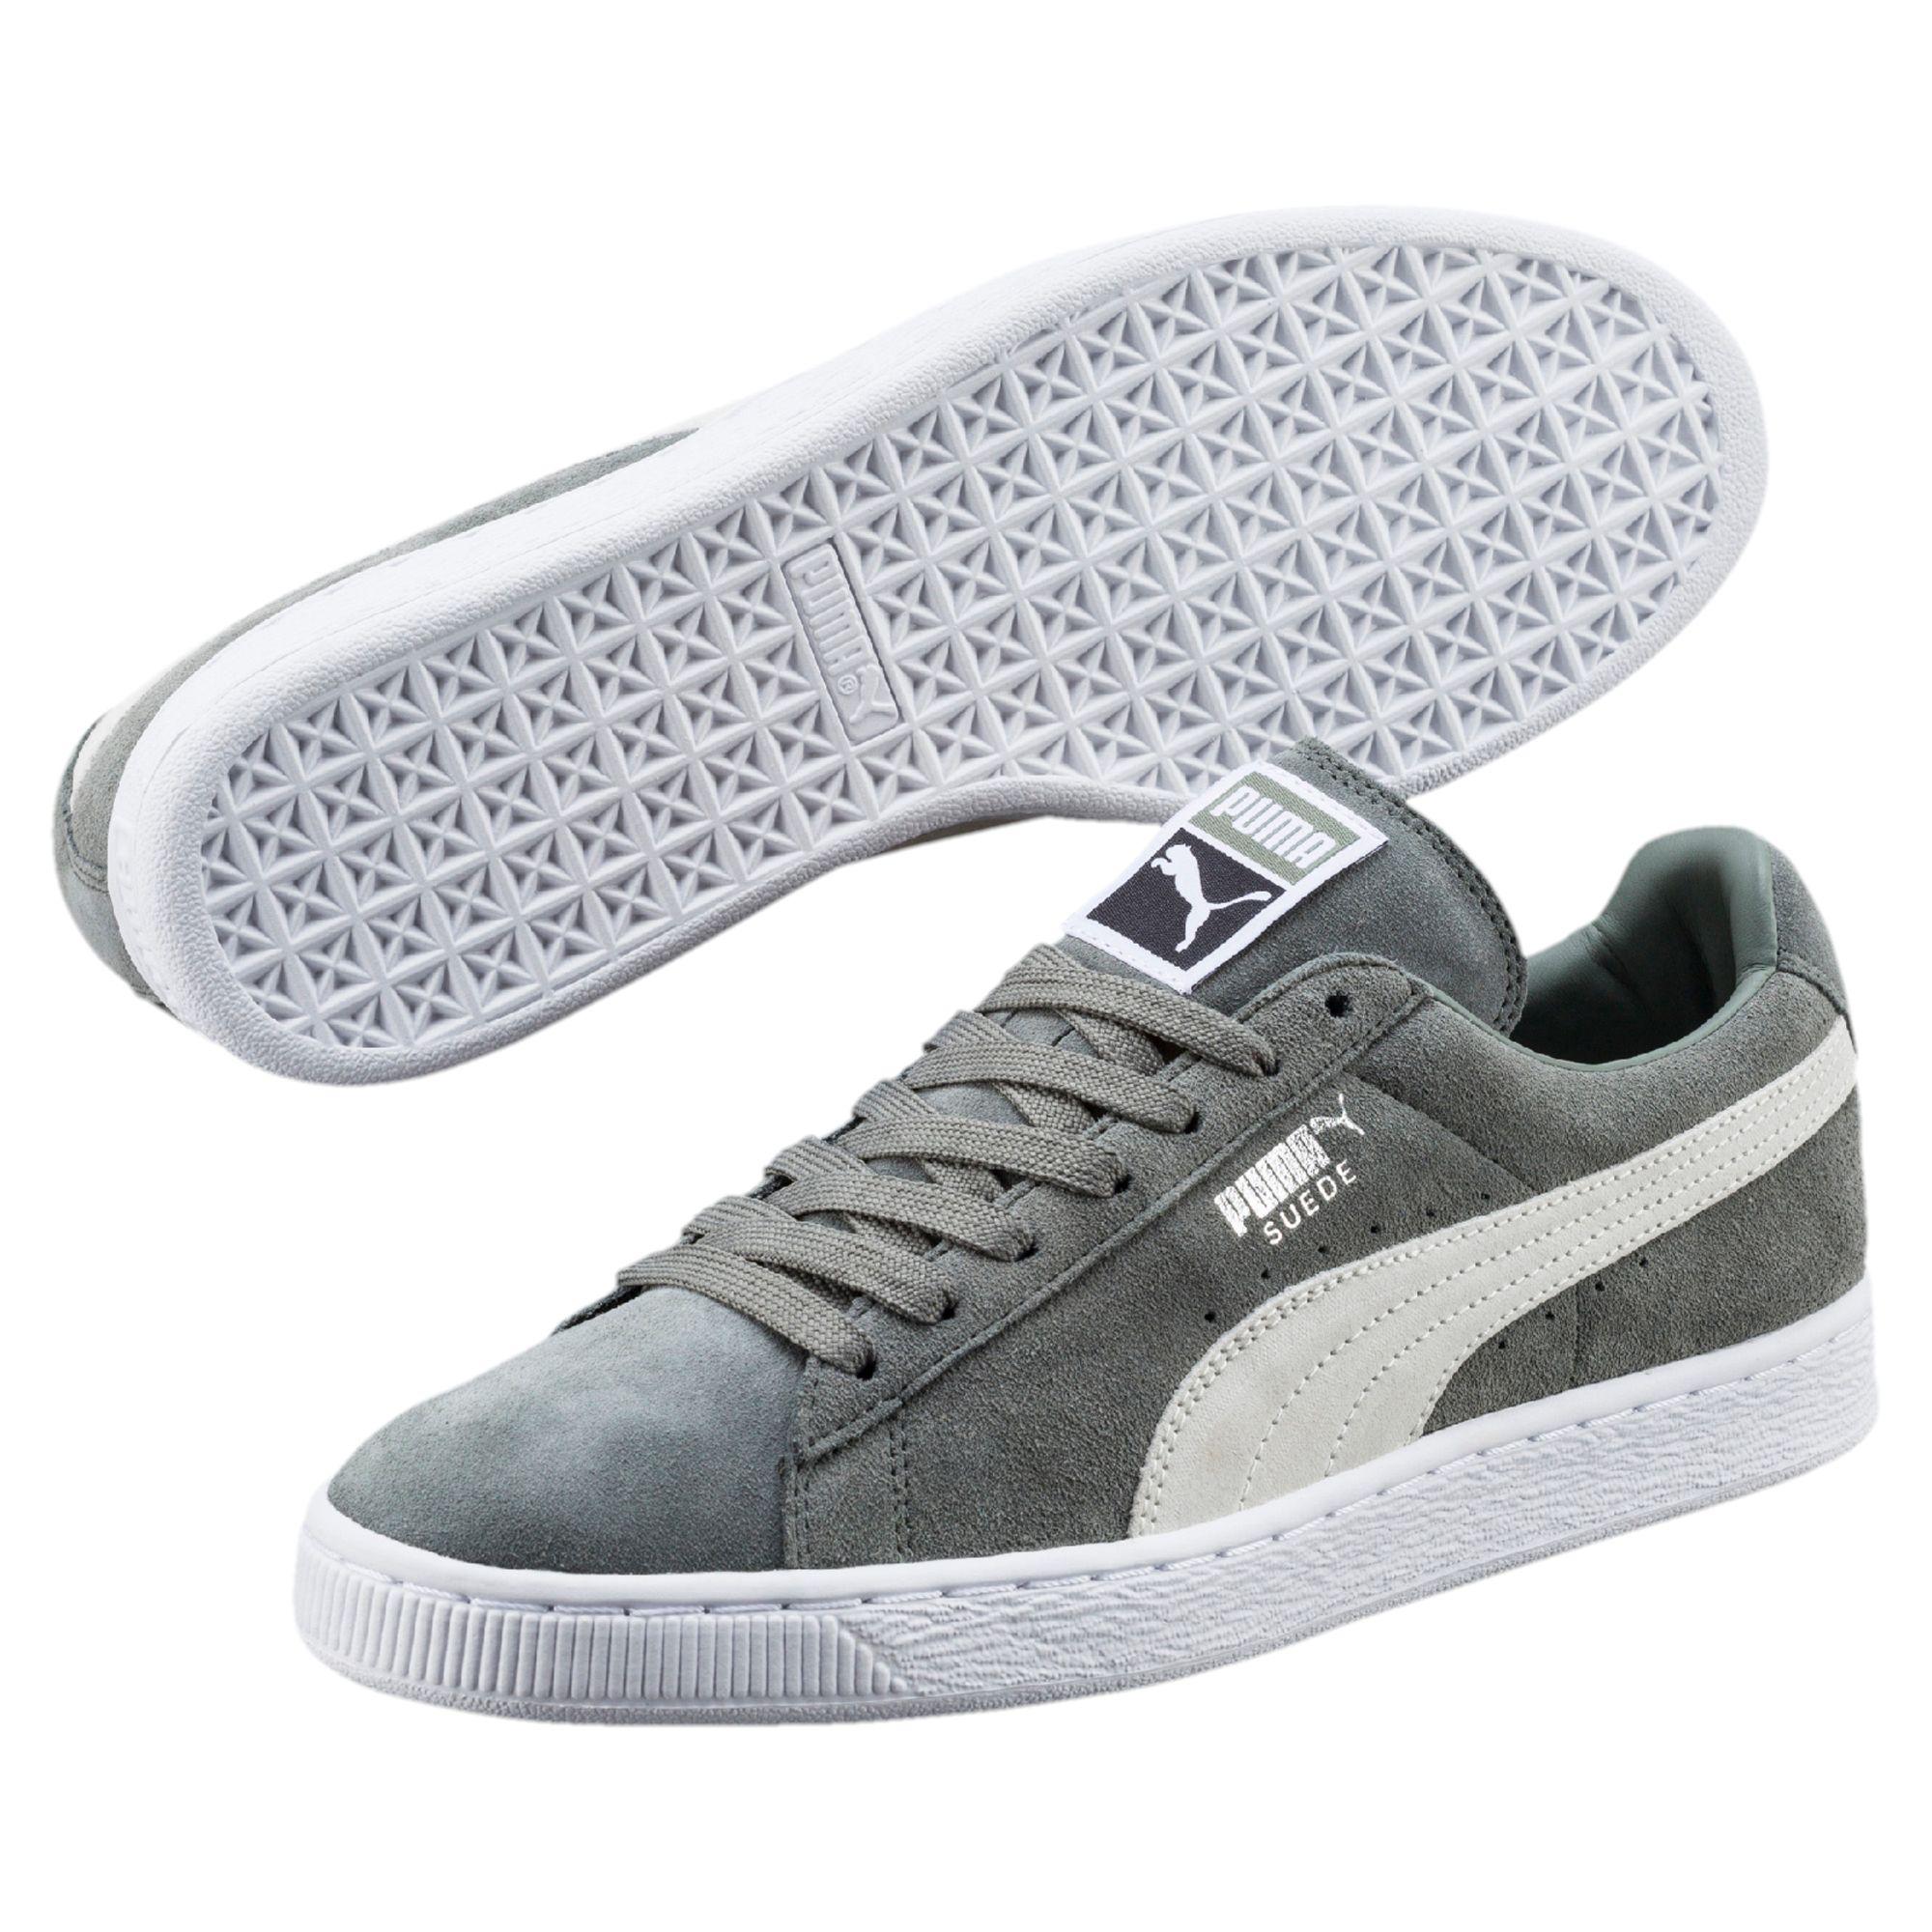 puma suede chaussures hommes